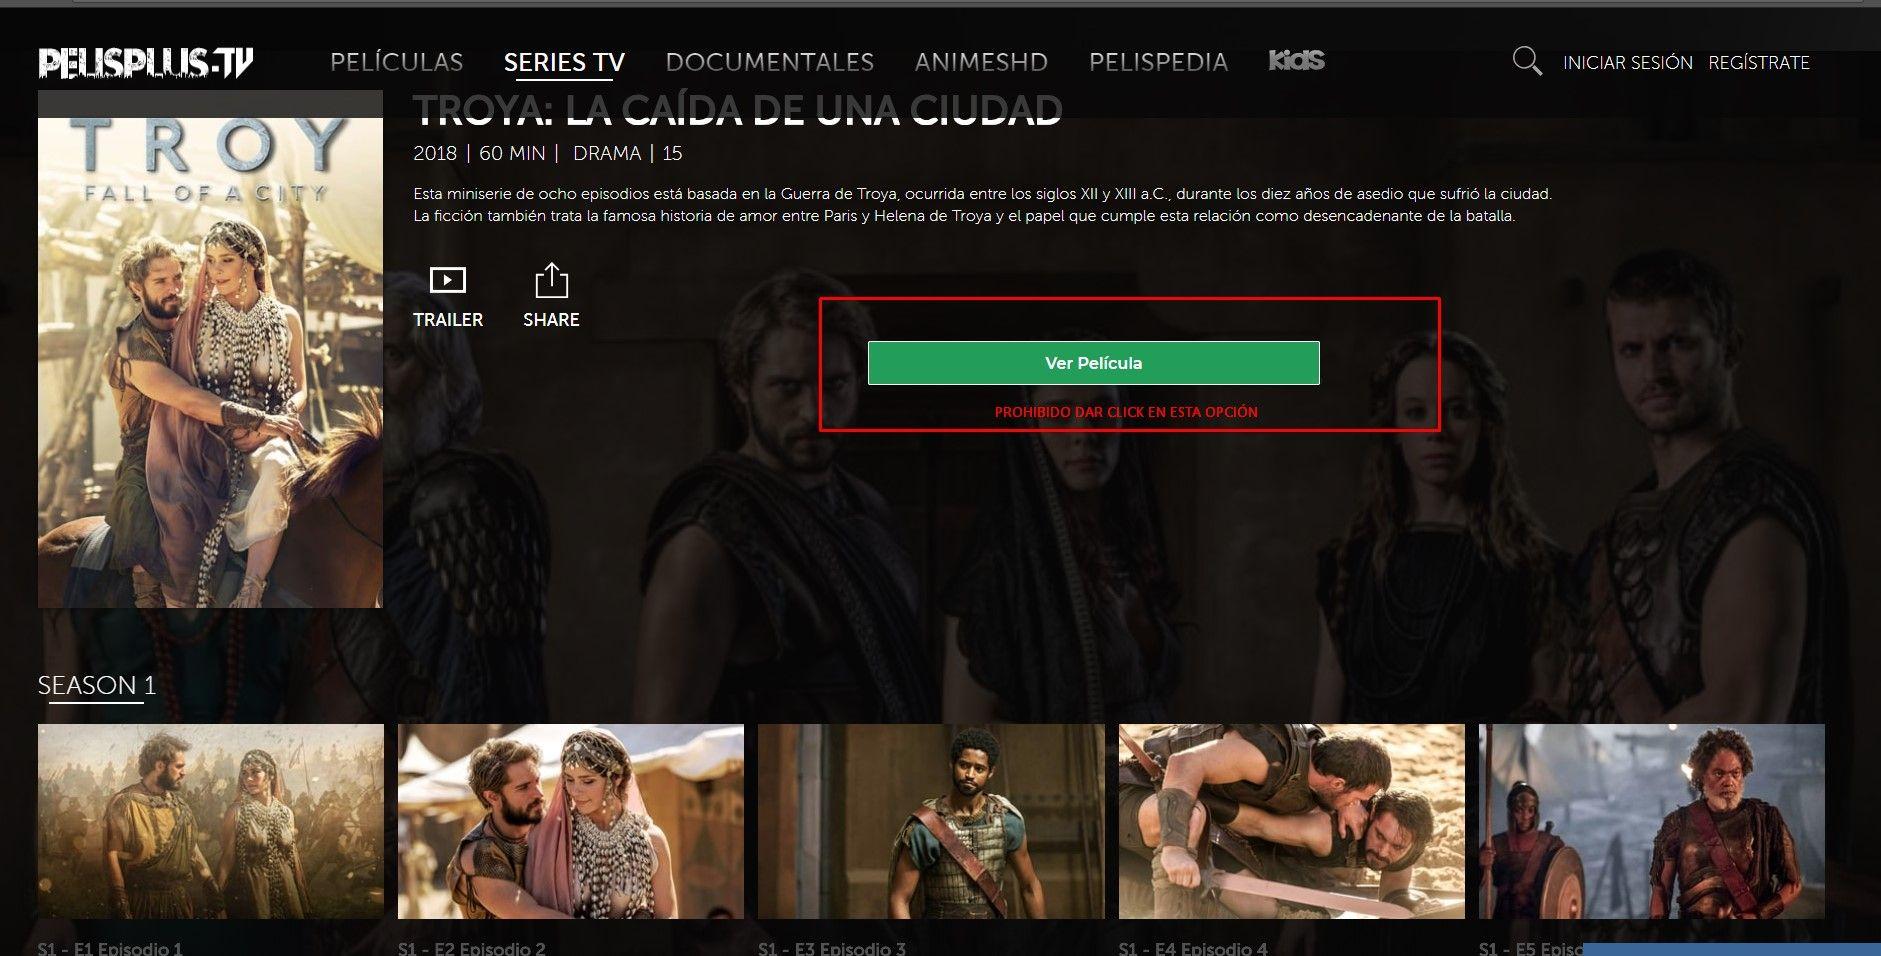 Ver Películas Online Gratis En Español Latino Completas Sin Descargar 6 Páginas Para Peliculas Online Gratis Ver Peliculas Online Paginas Para Ver Peliculas